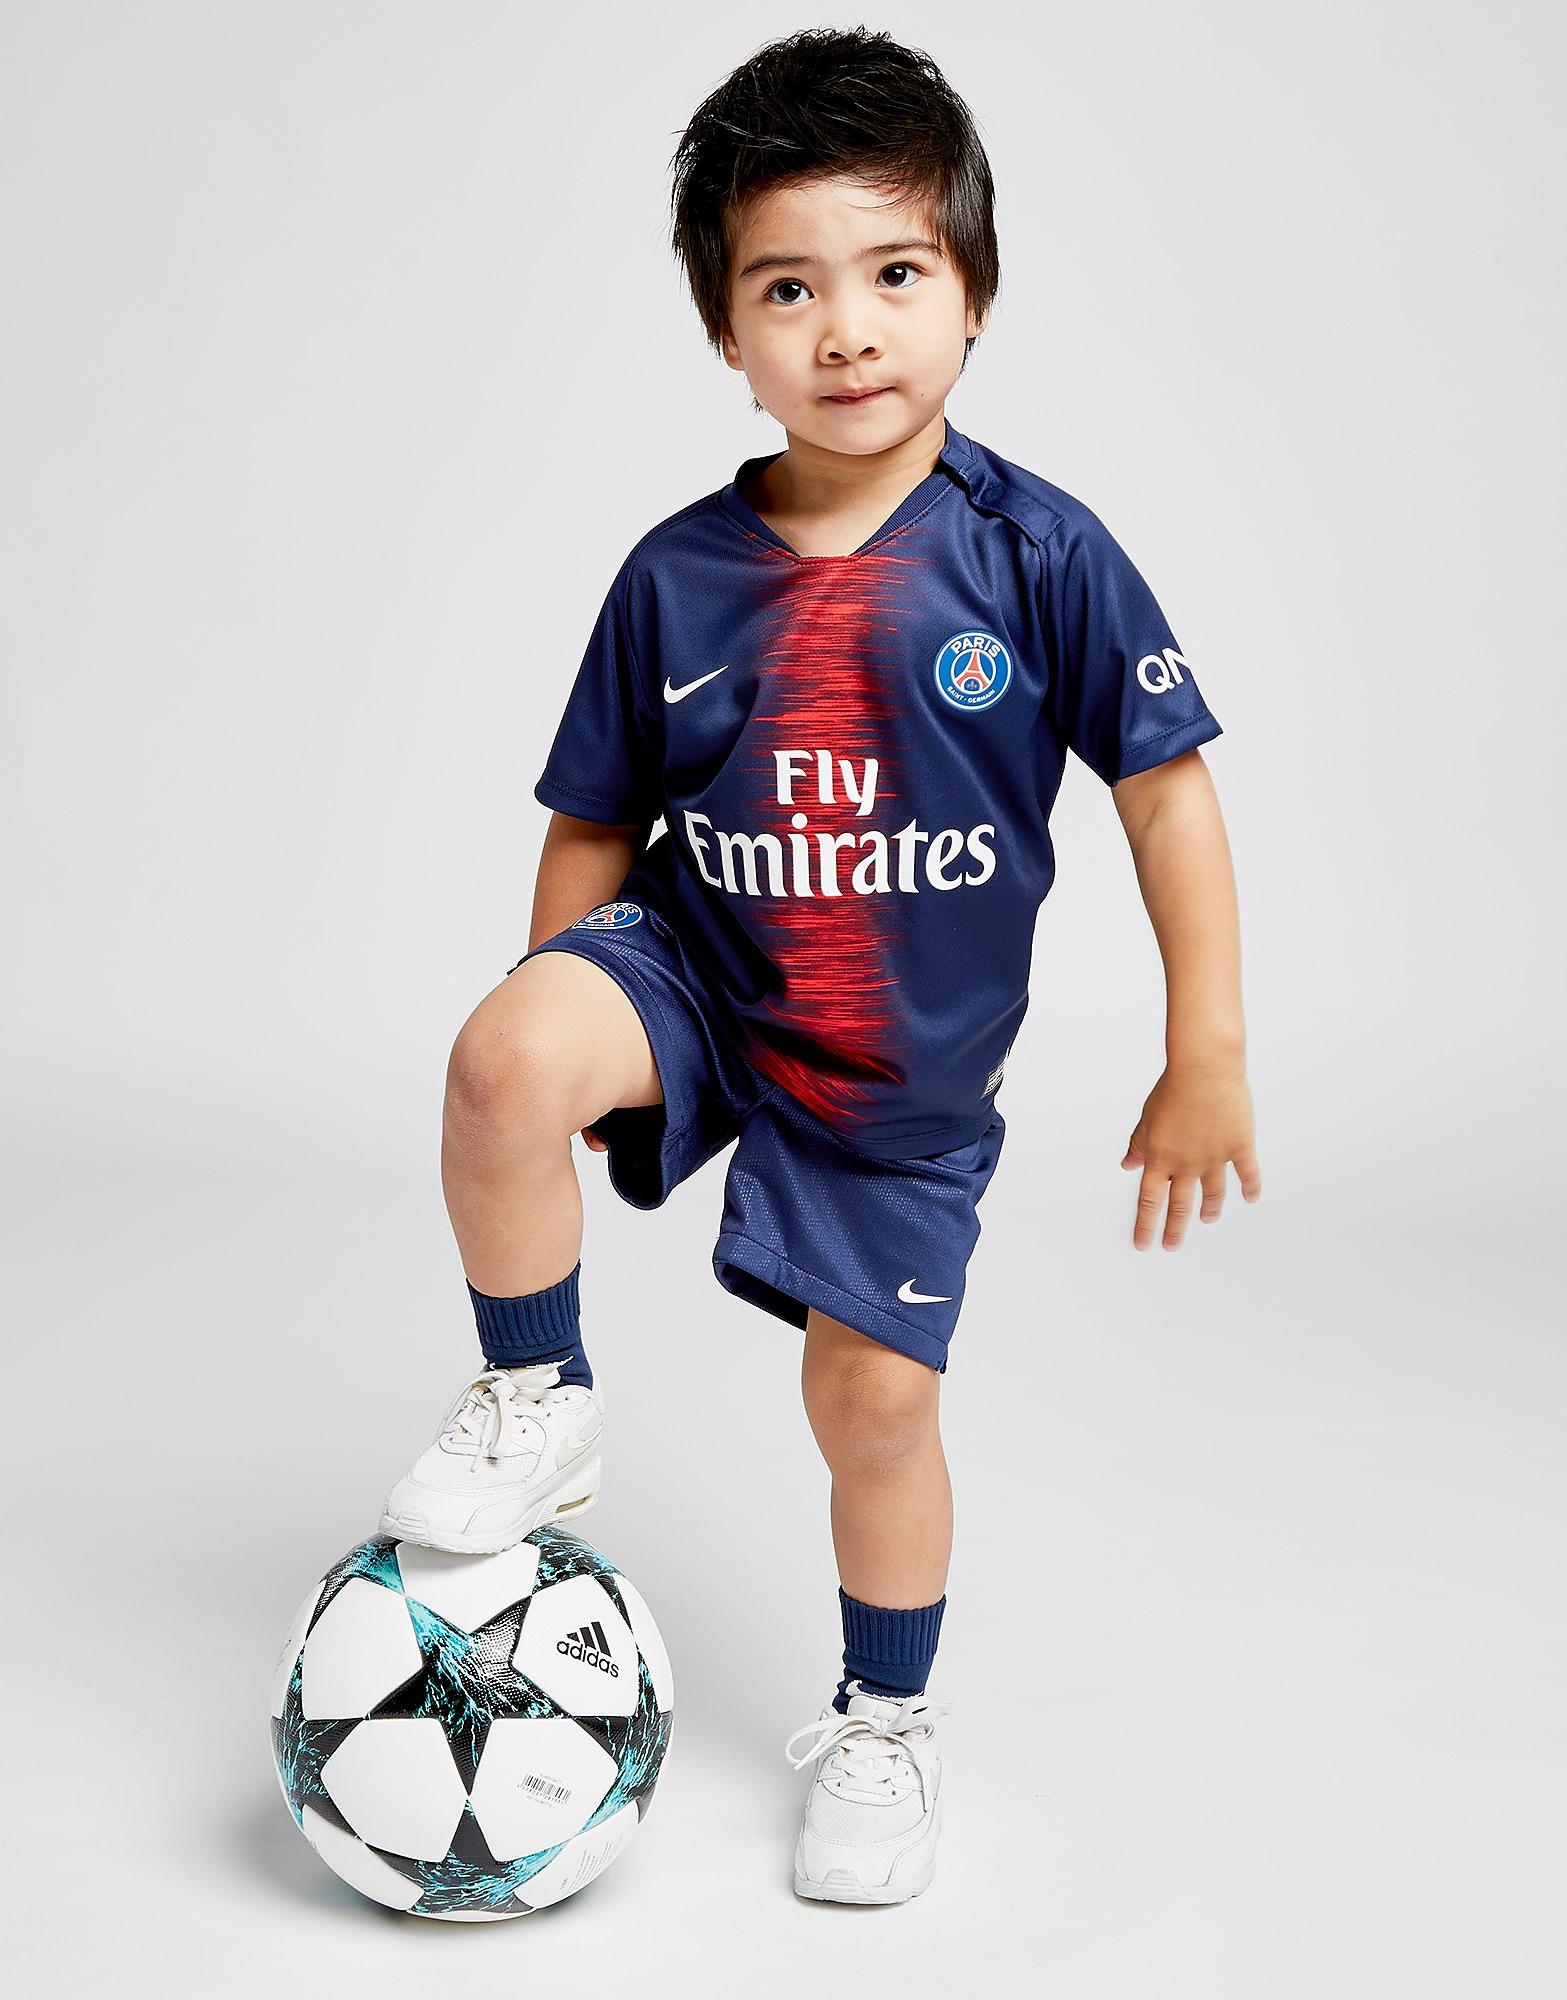 Nike Kit Domicile Paris Saint Germain 2018/19 Bébé